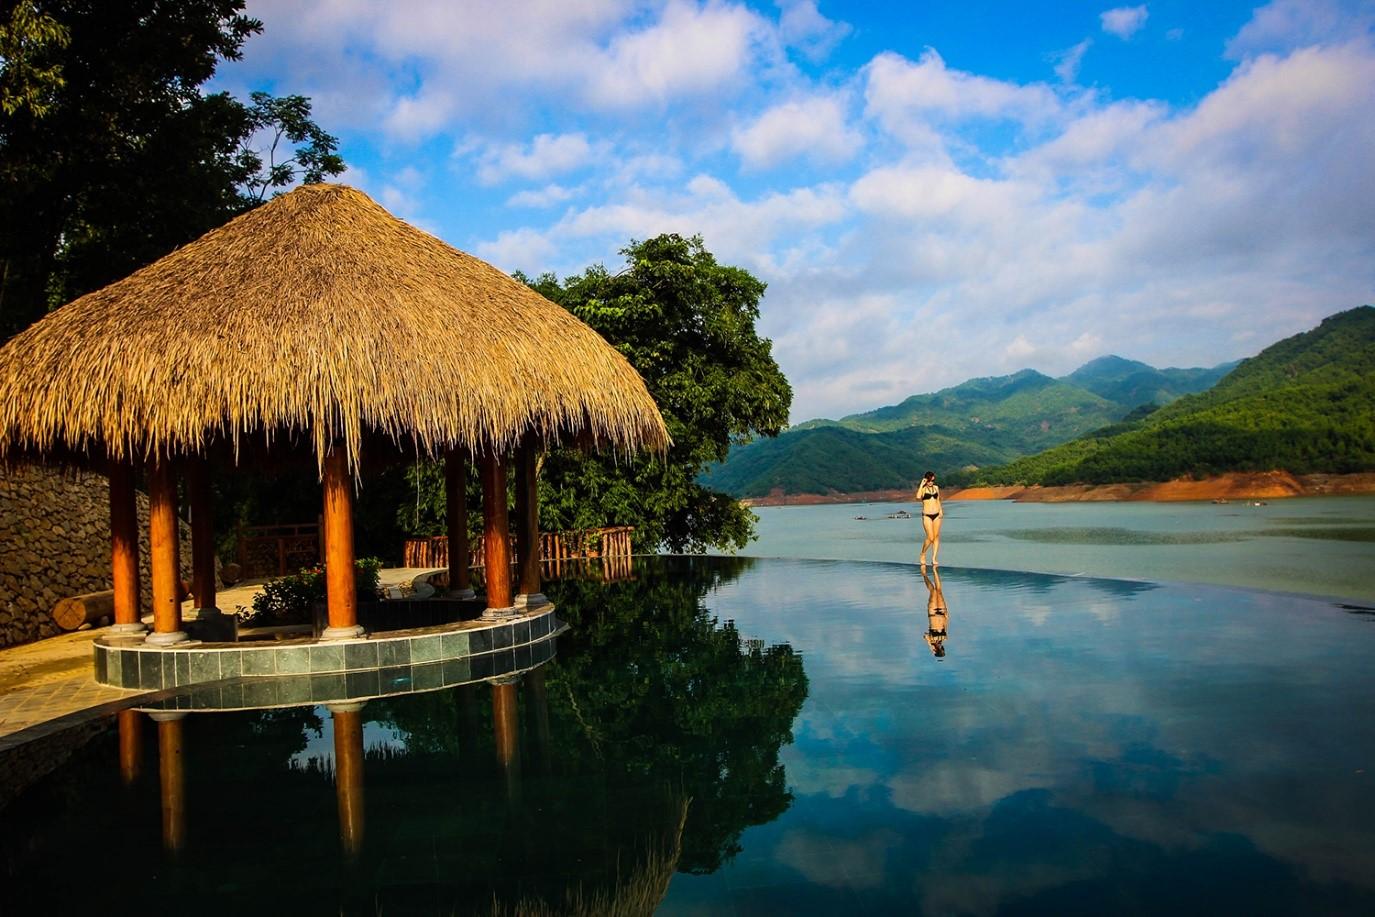 Vịt cổ xanh ResortĐịa điểm họp lớp gần Hà Nội 2